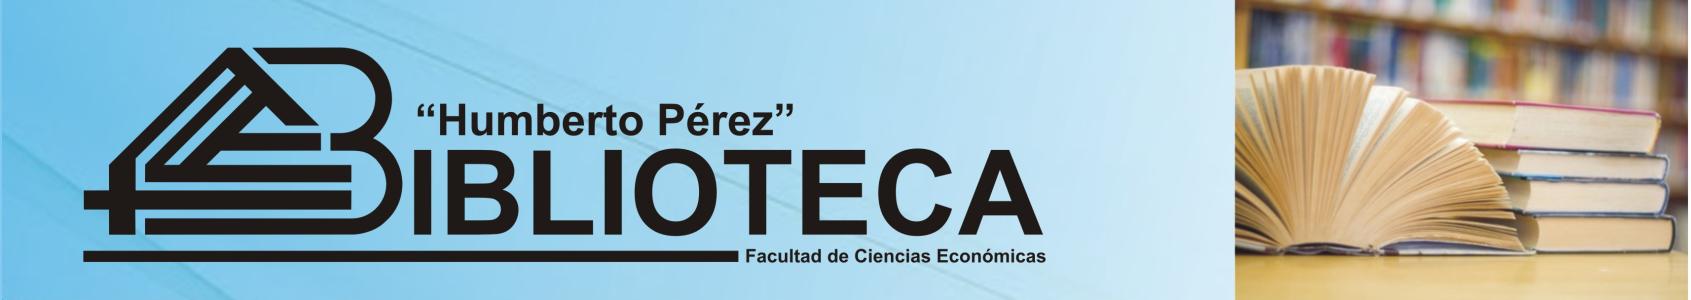 Biblioteca Humberto Perez Facultad de Ciencias Económicas - Universidad Nacional de Misiones